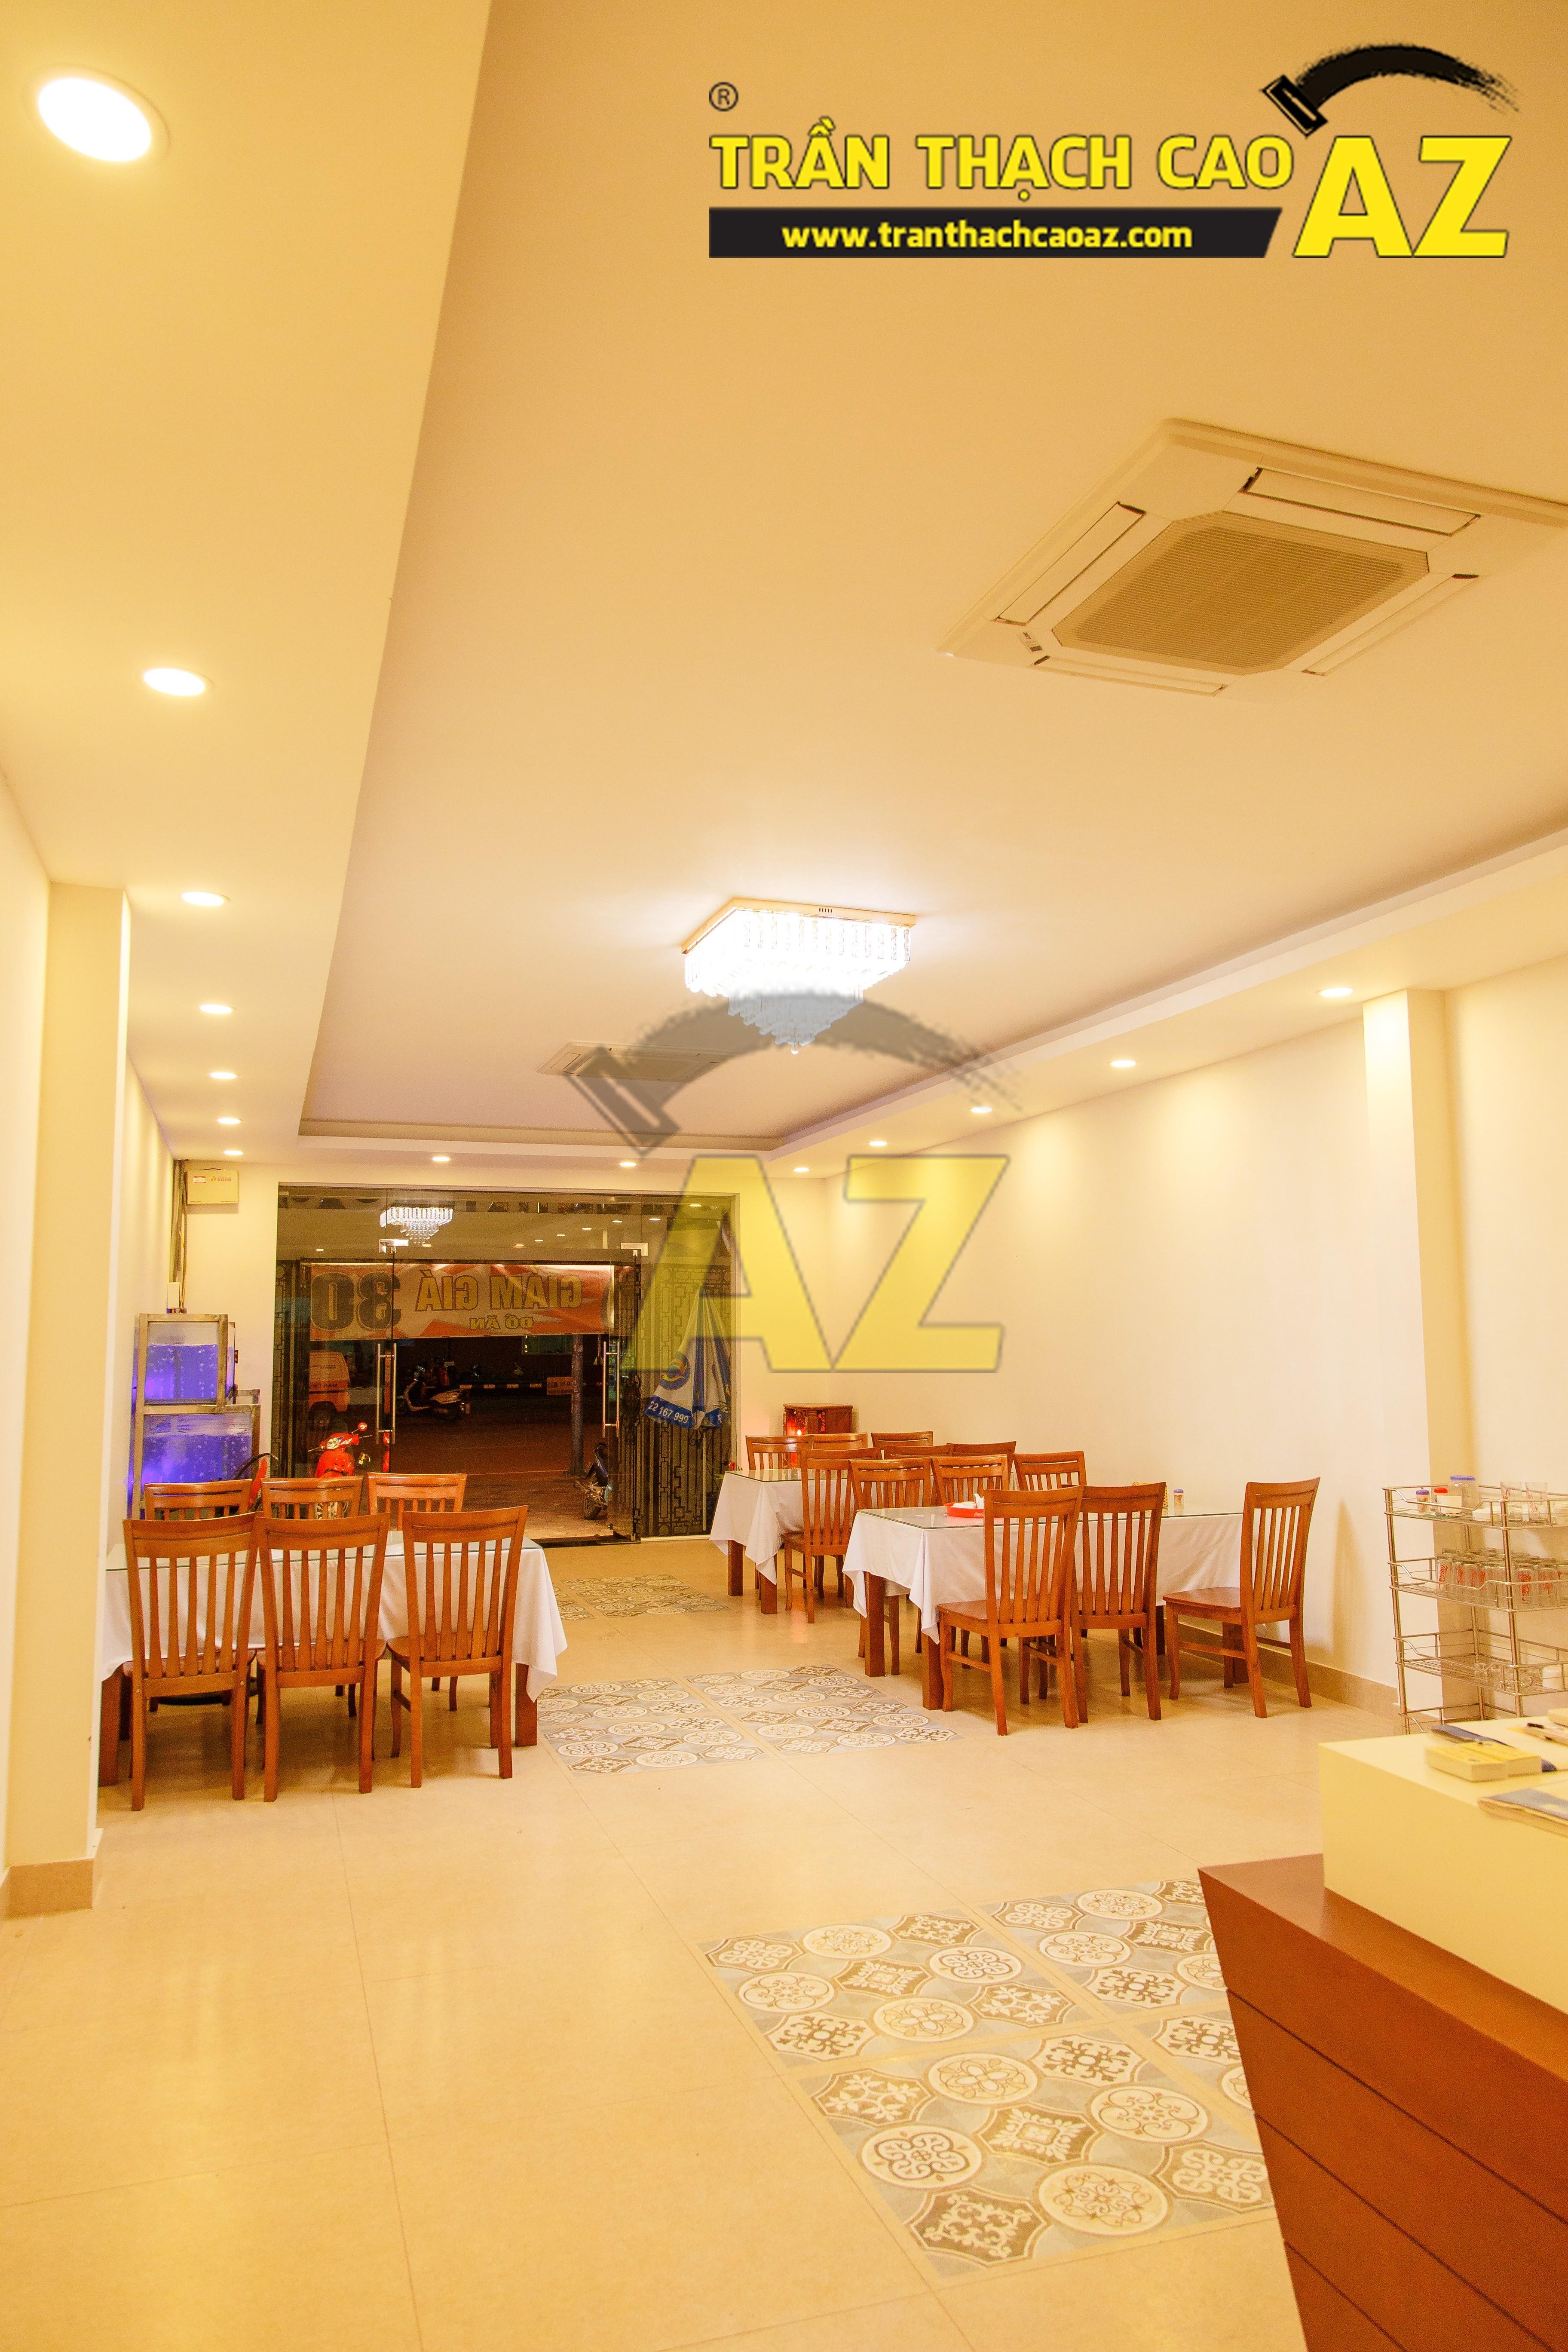 Mẫu trần thạch cao nhà hàng đẹp 05